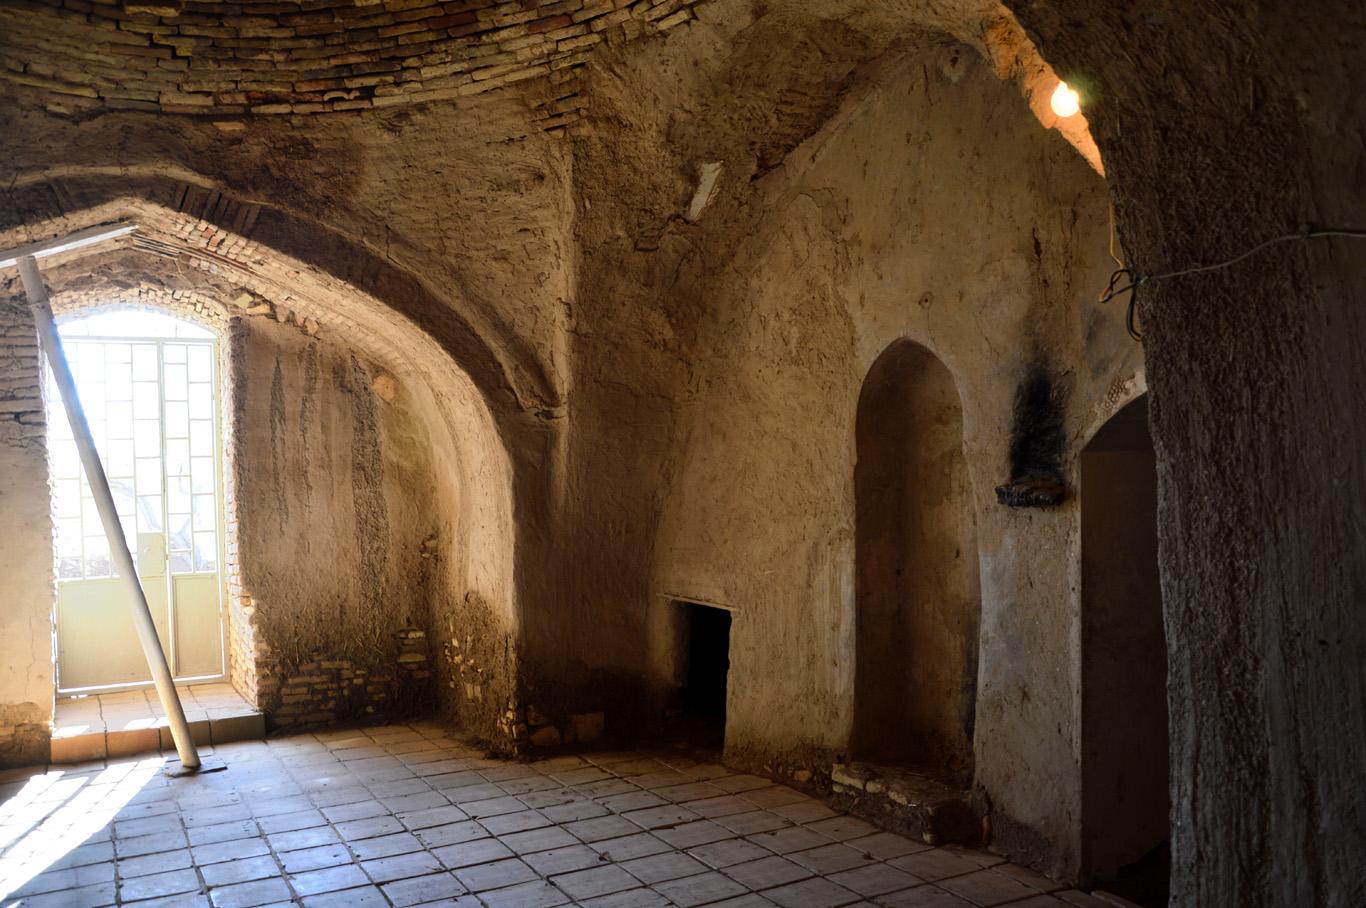 Mohammed ibn-Zeid Mausoleum inside